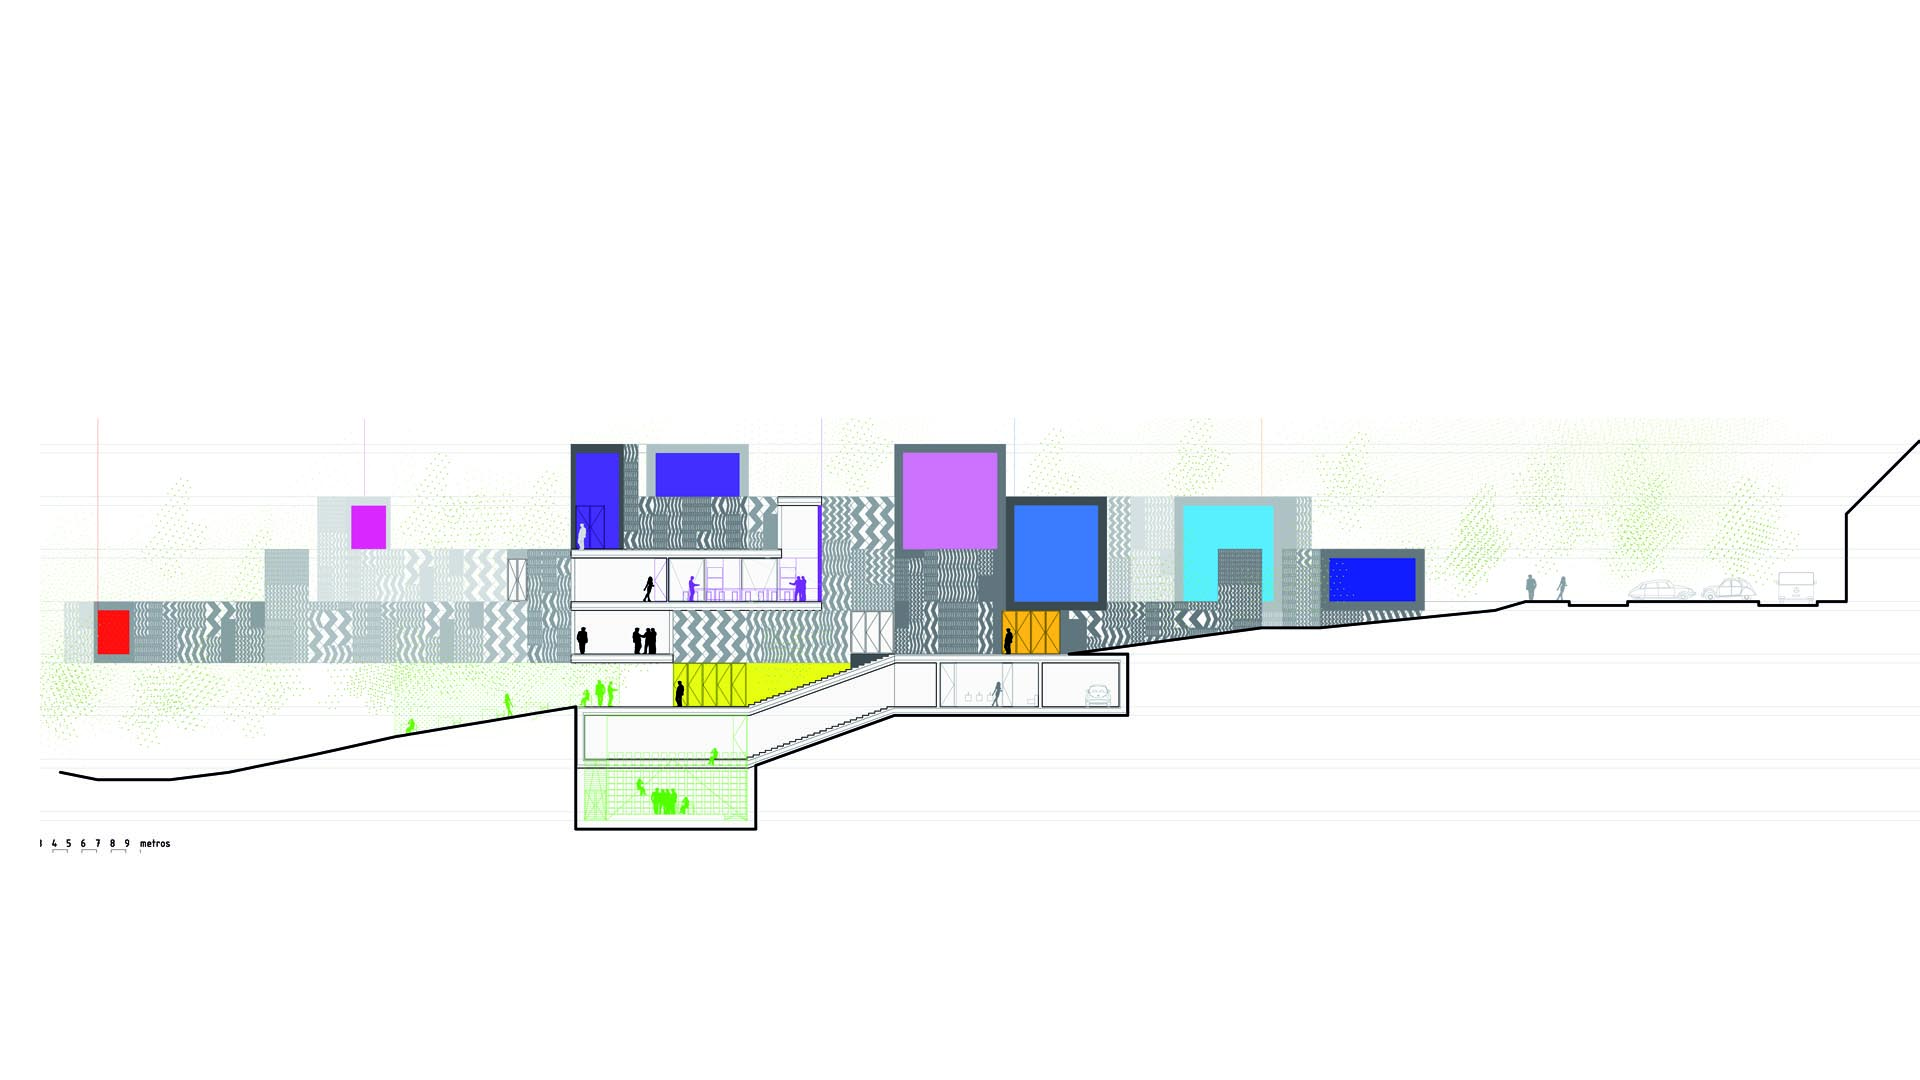 Bcc ping pong arquitectura for Escuela arquitectura donostia